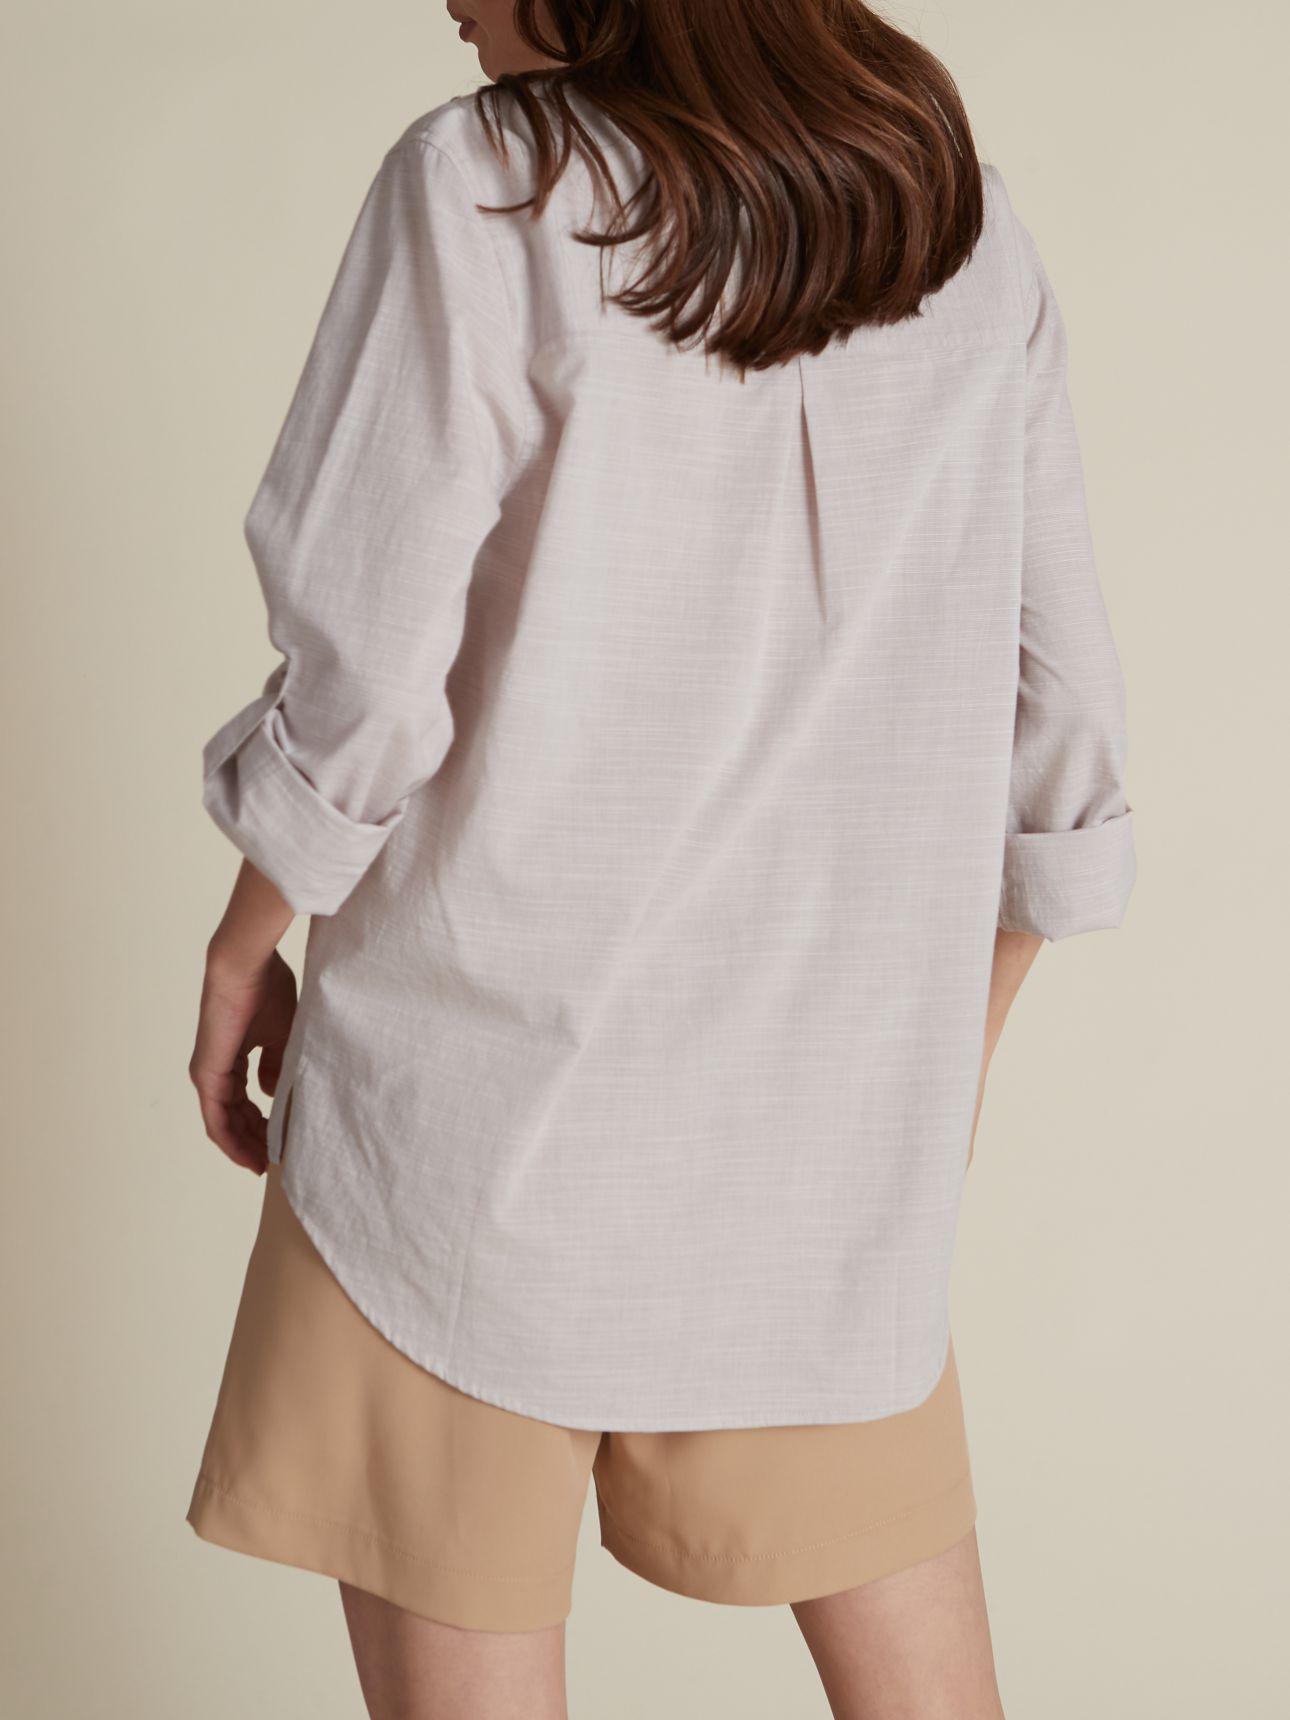 חולצת אריג חצי כפתרה